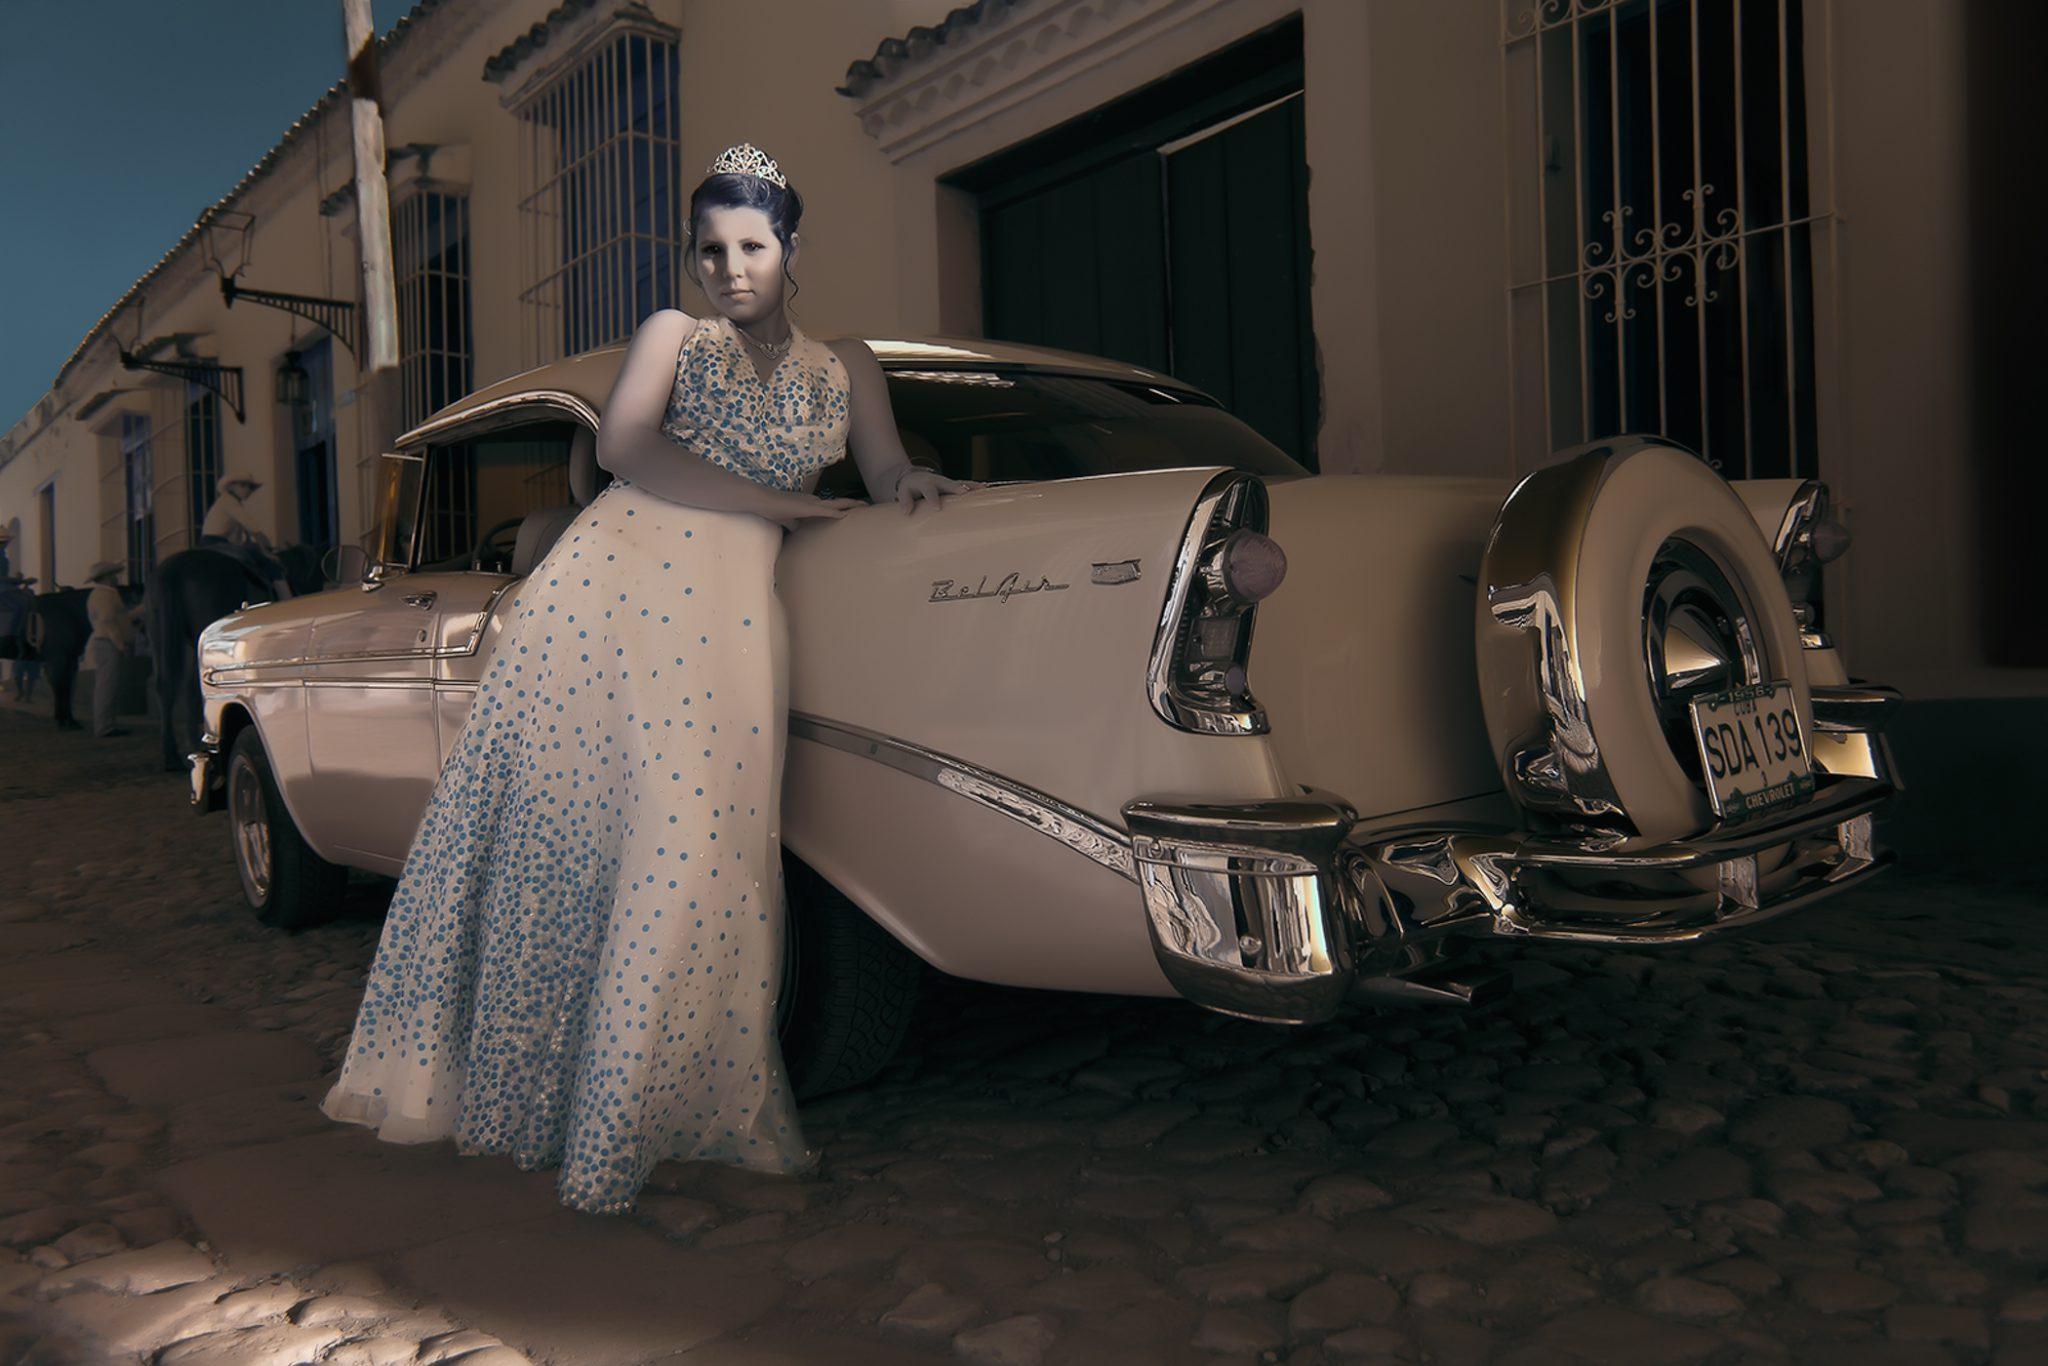 Formal Girl Car 2/15 © EK Waller